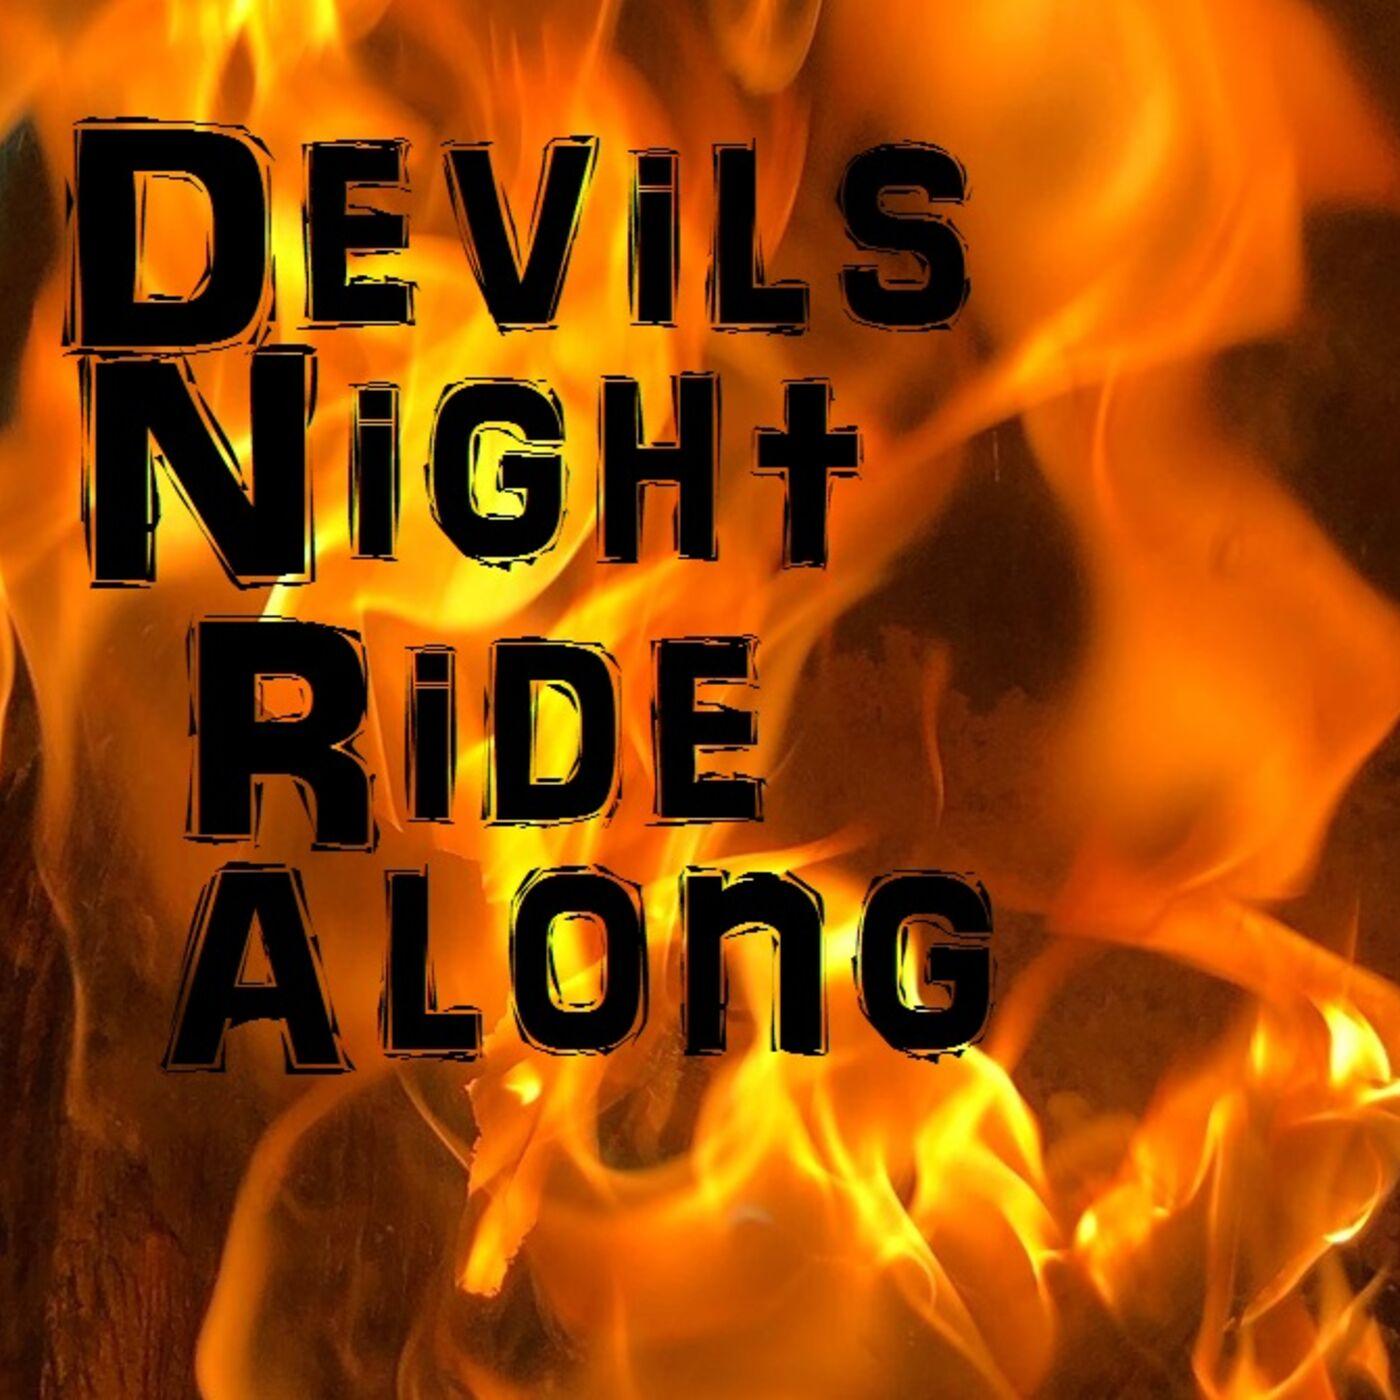 Devils Night Ride Along